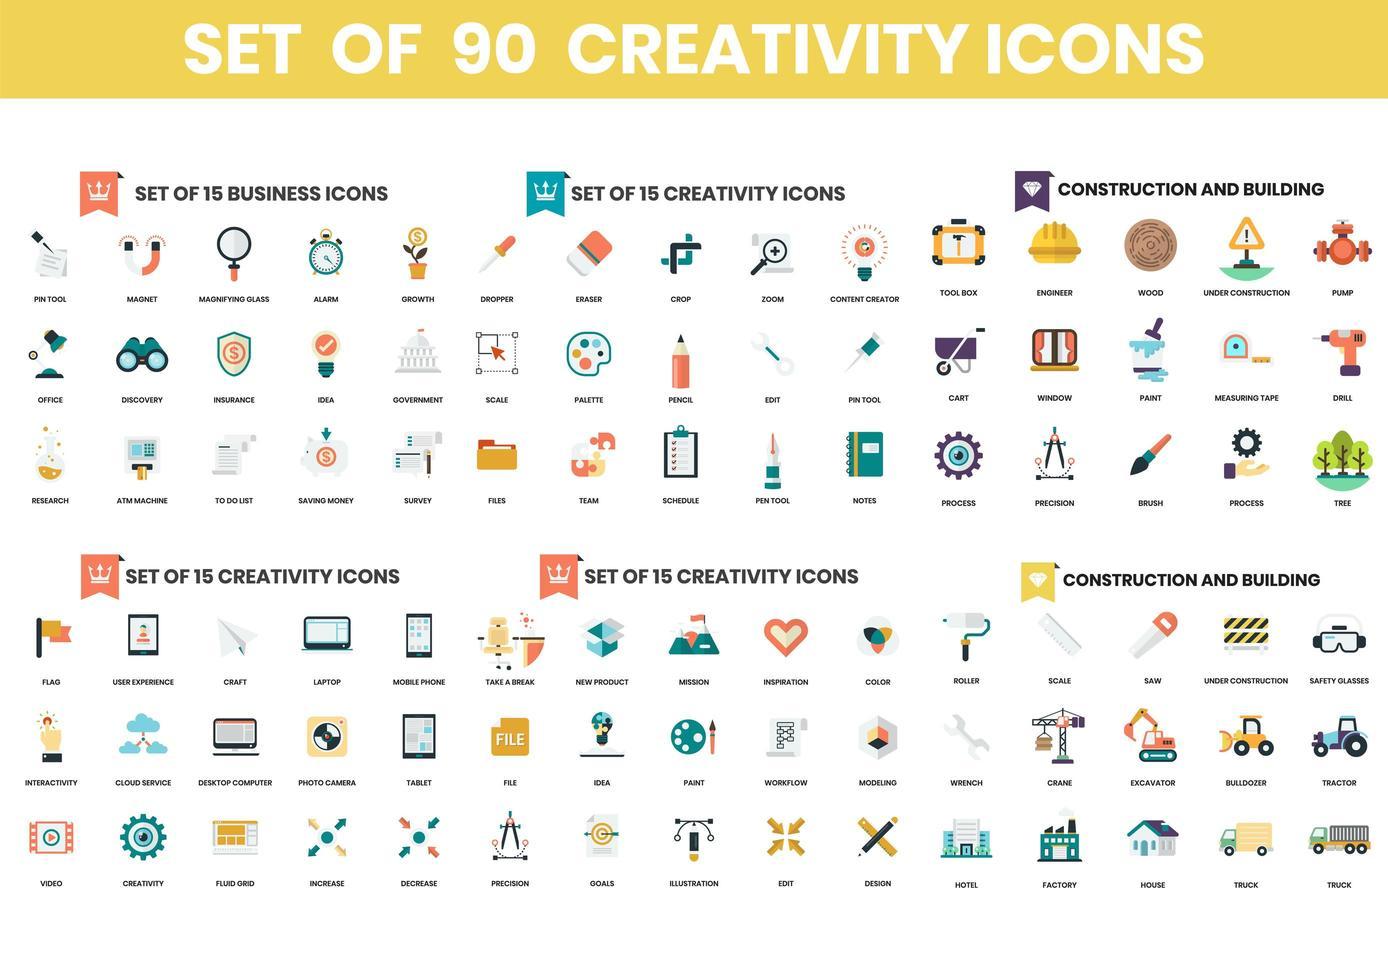 ensemble de 90 icônes de créativité et de construction vecteur